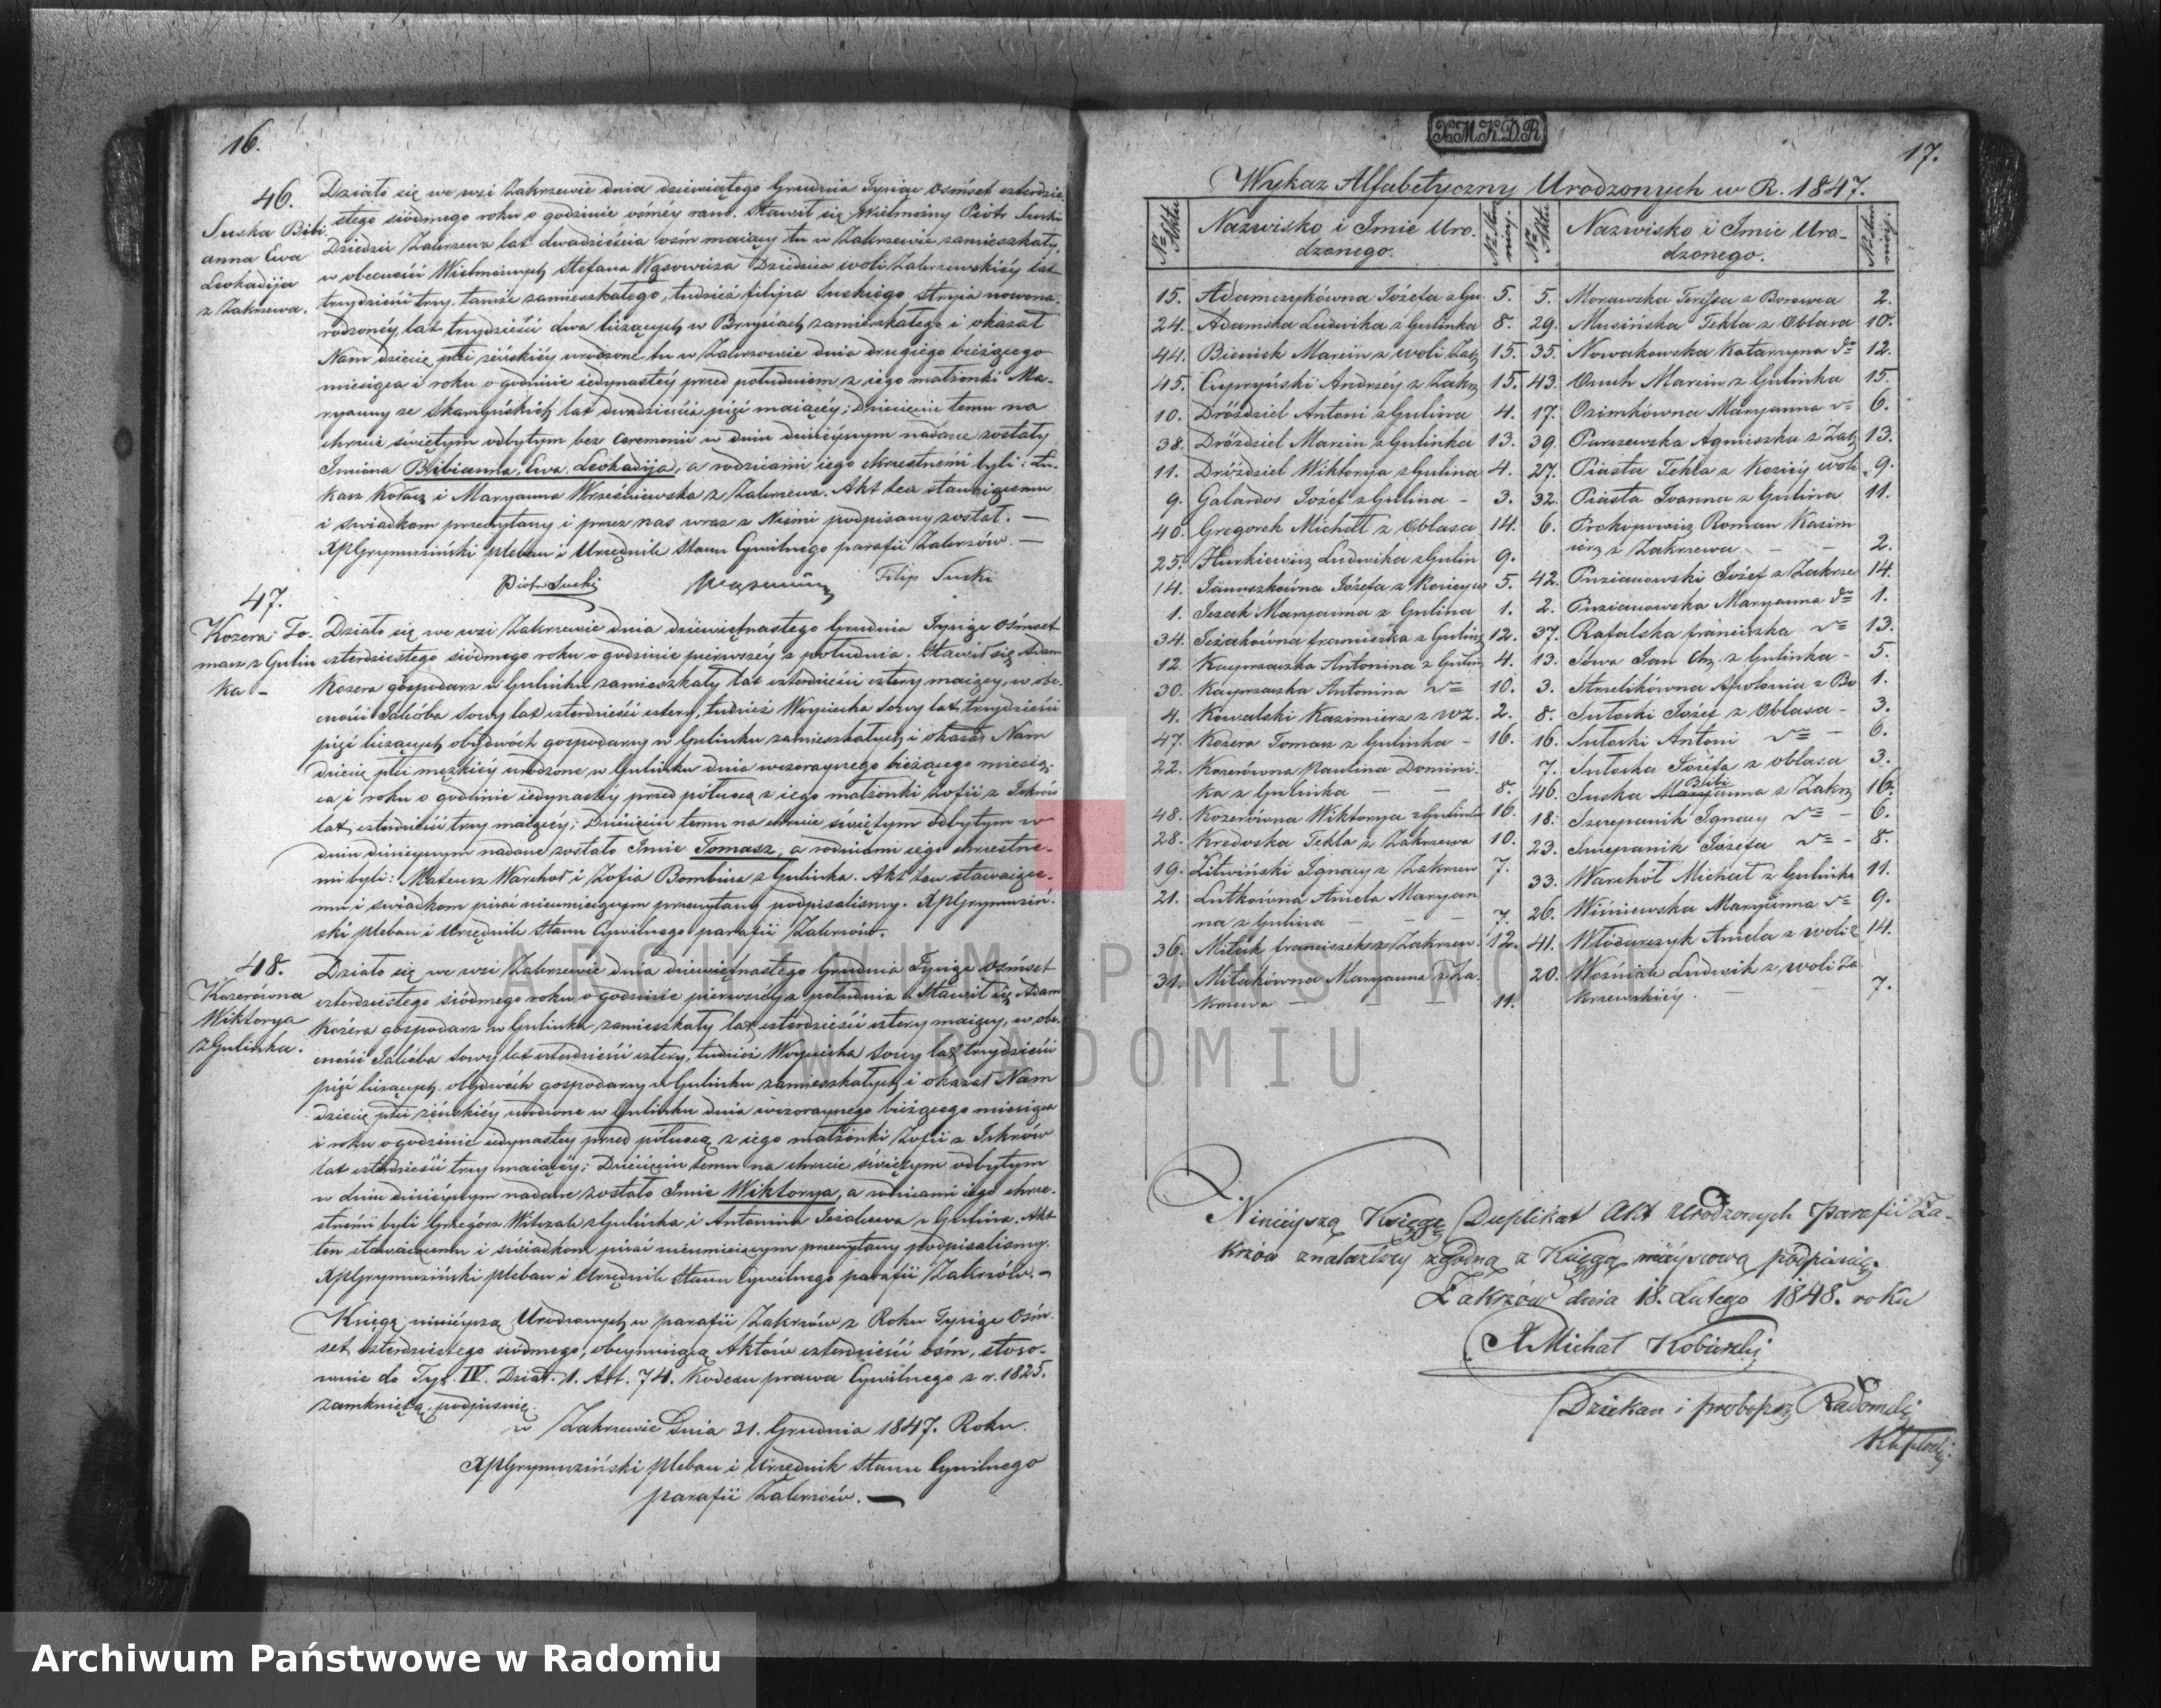 Skan z jednostki: Duplikat Aktów Urodzonych, Zaślubionych i Zmarłych w Parafii Zakrzów z Roku 1847